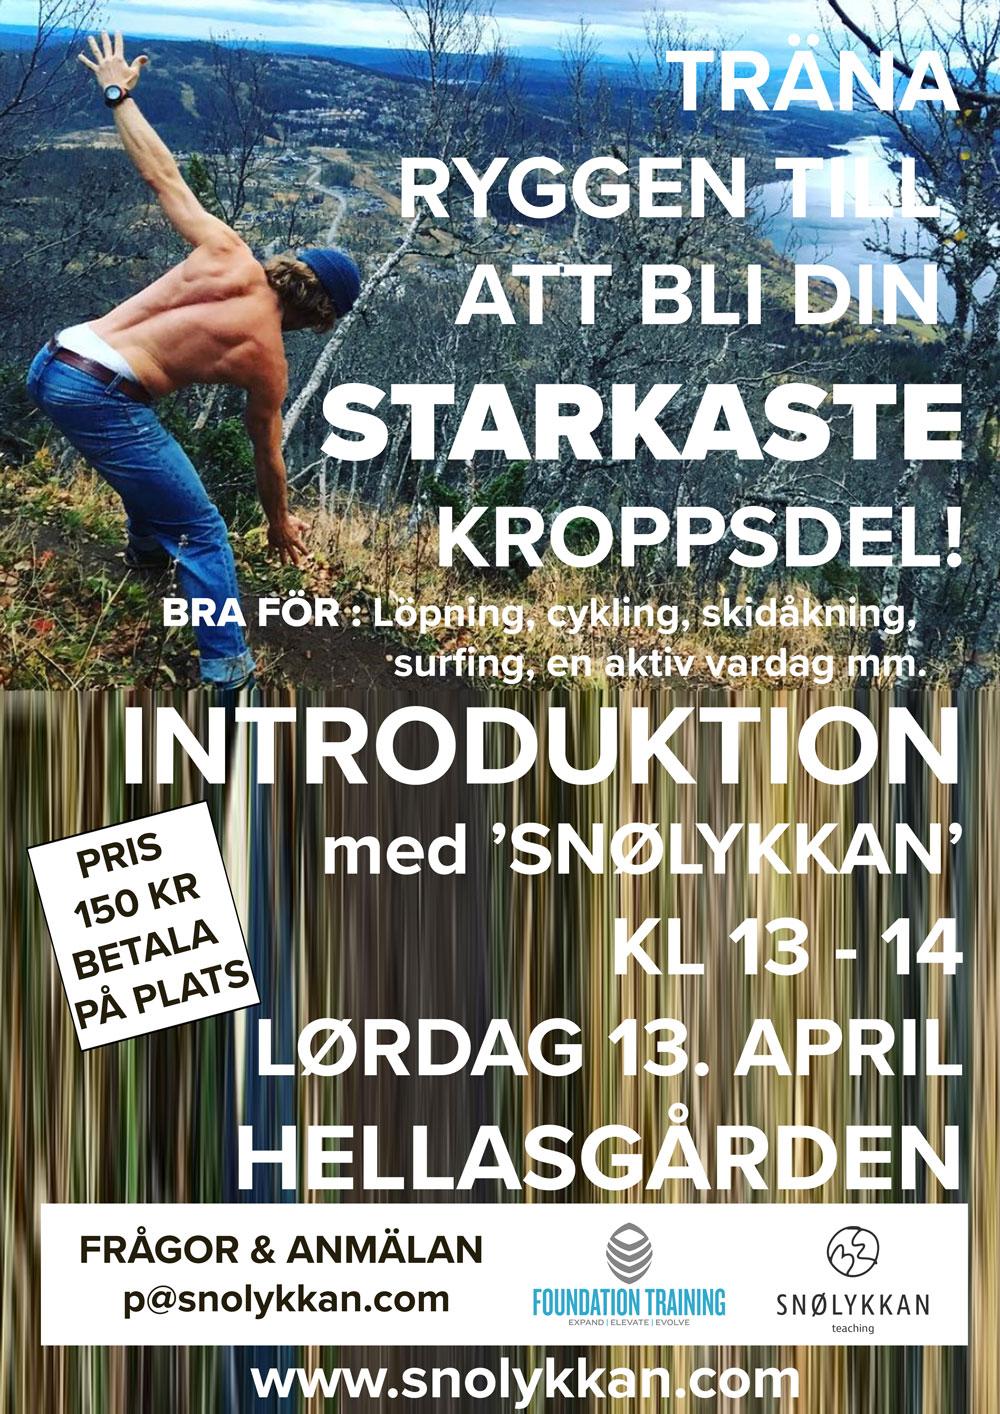 SNØLYKKAN-och-FT-i-Stockholm---intro_web.jpg